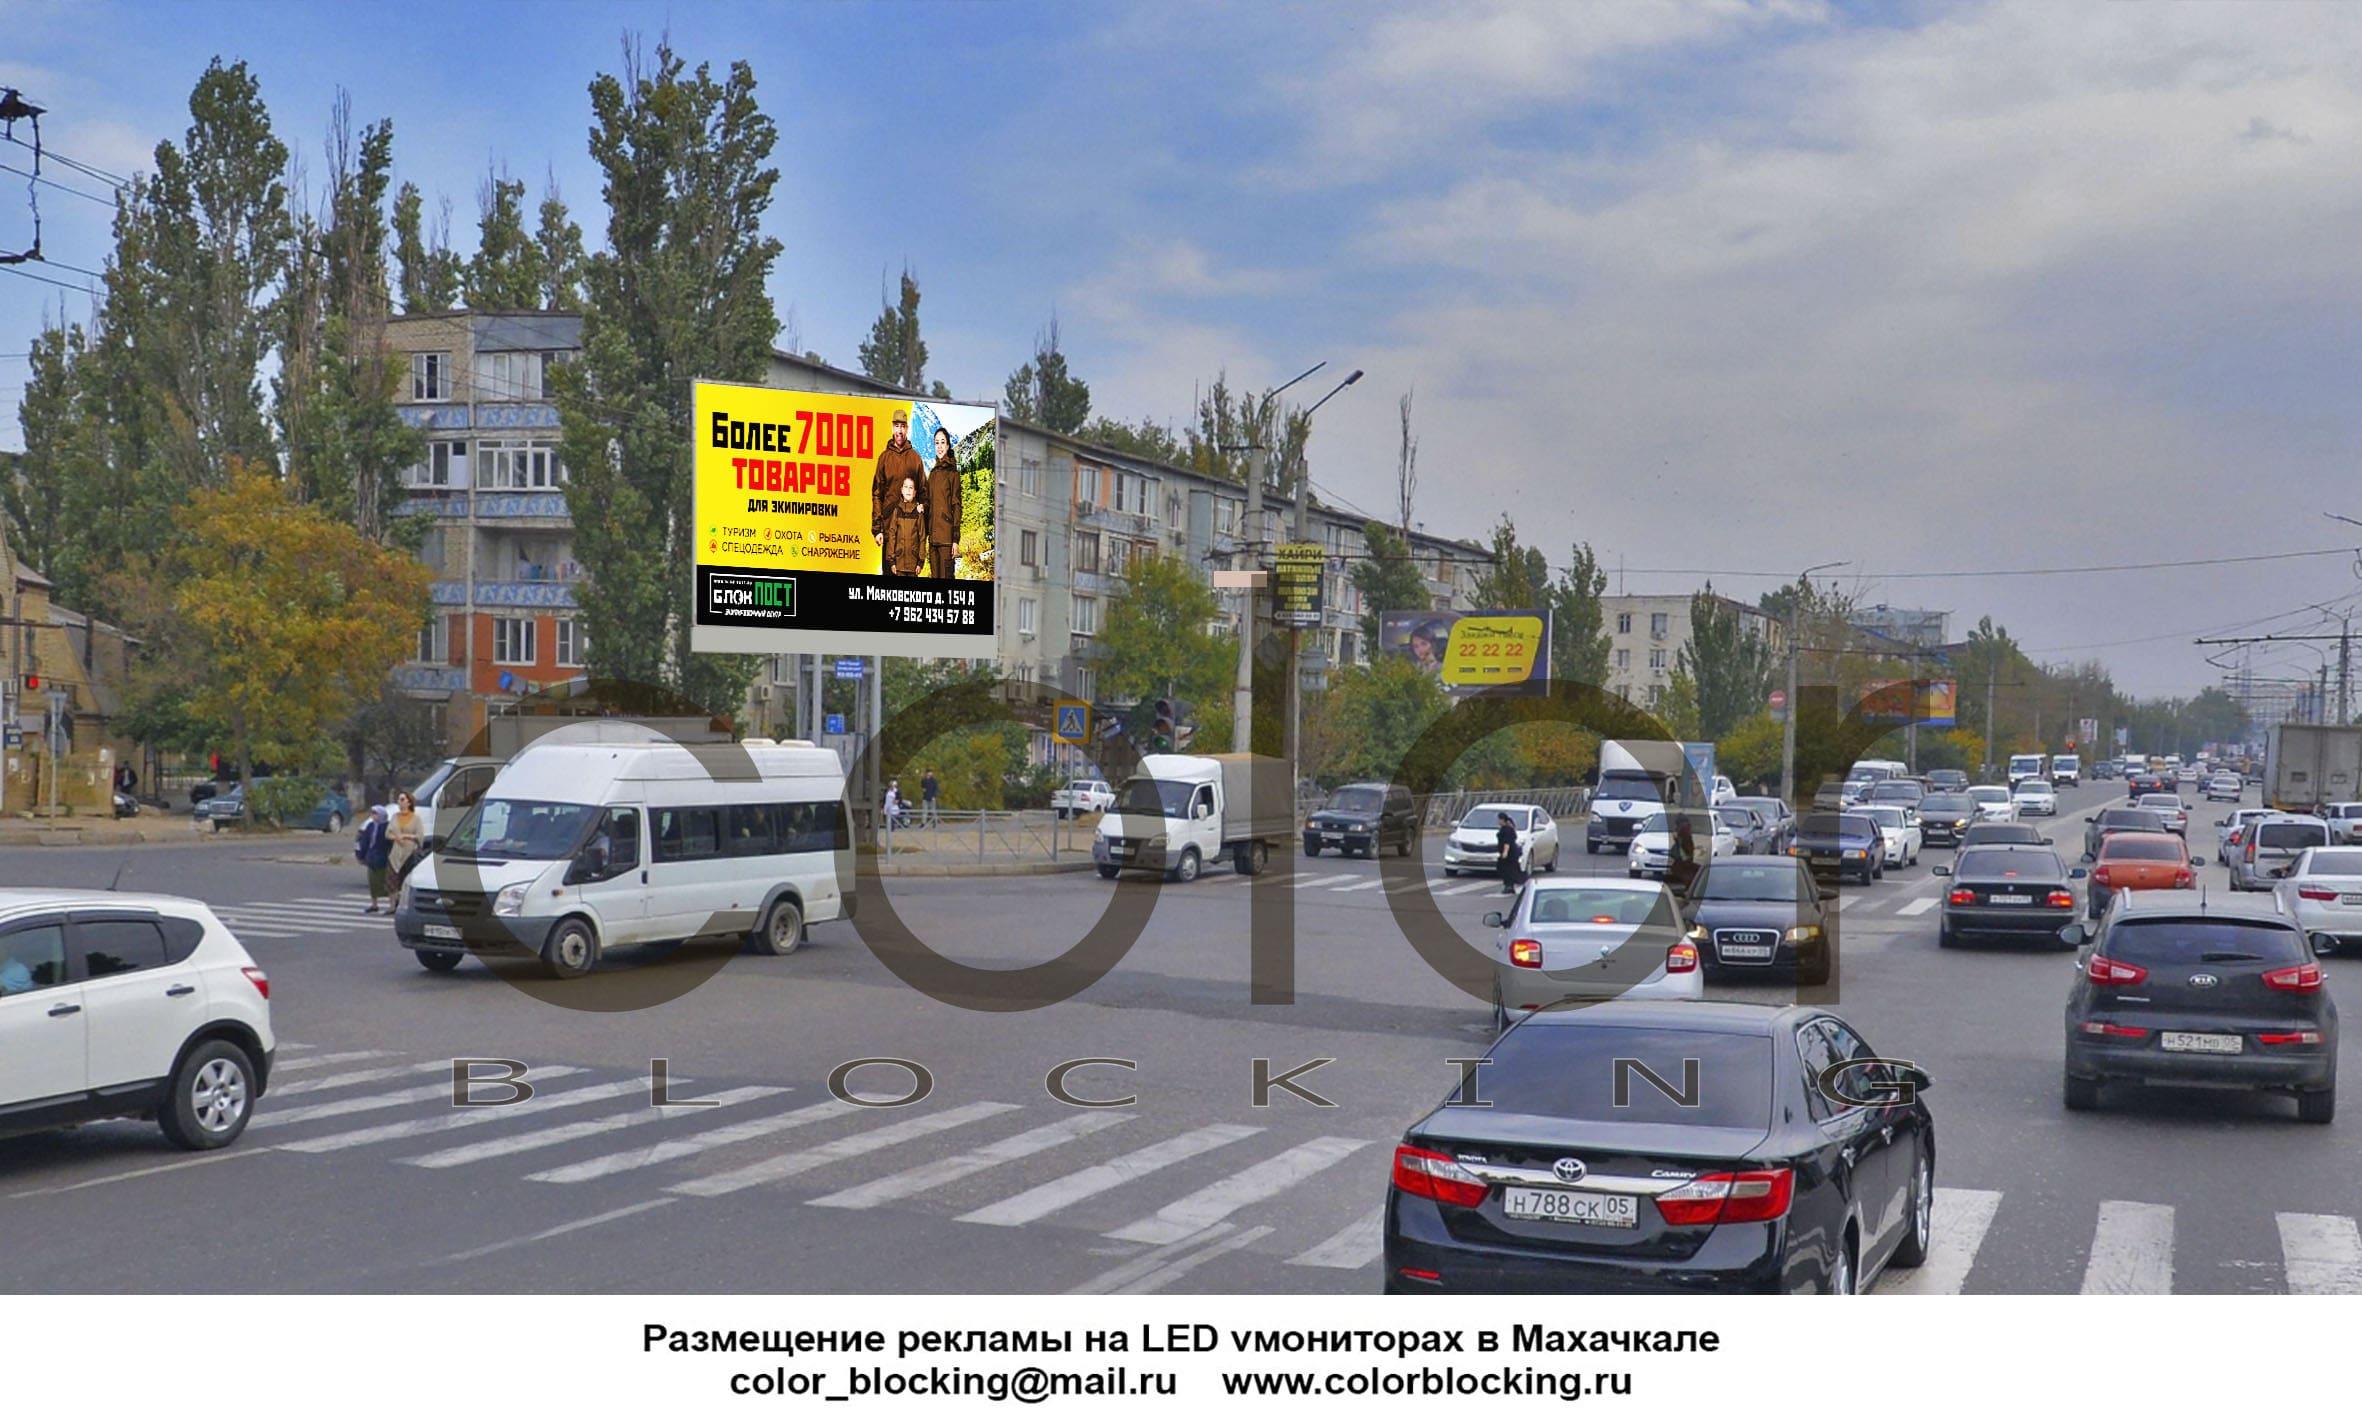 Размещение рекламы на светодиодных экранах в Махачкале Батырмурзаева